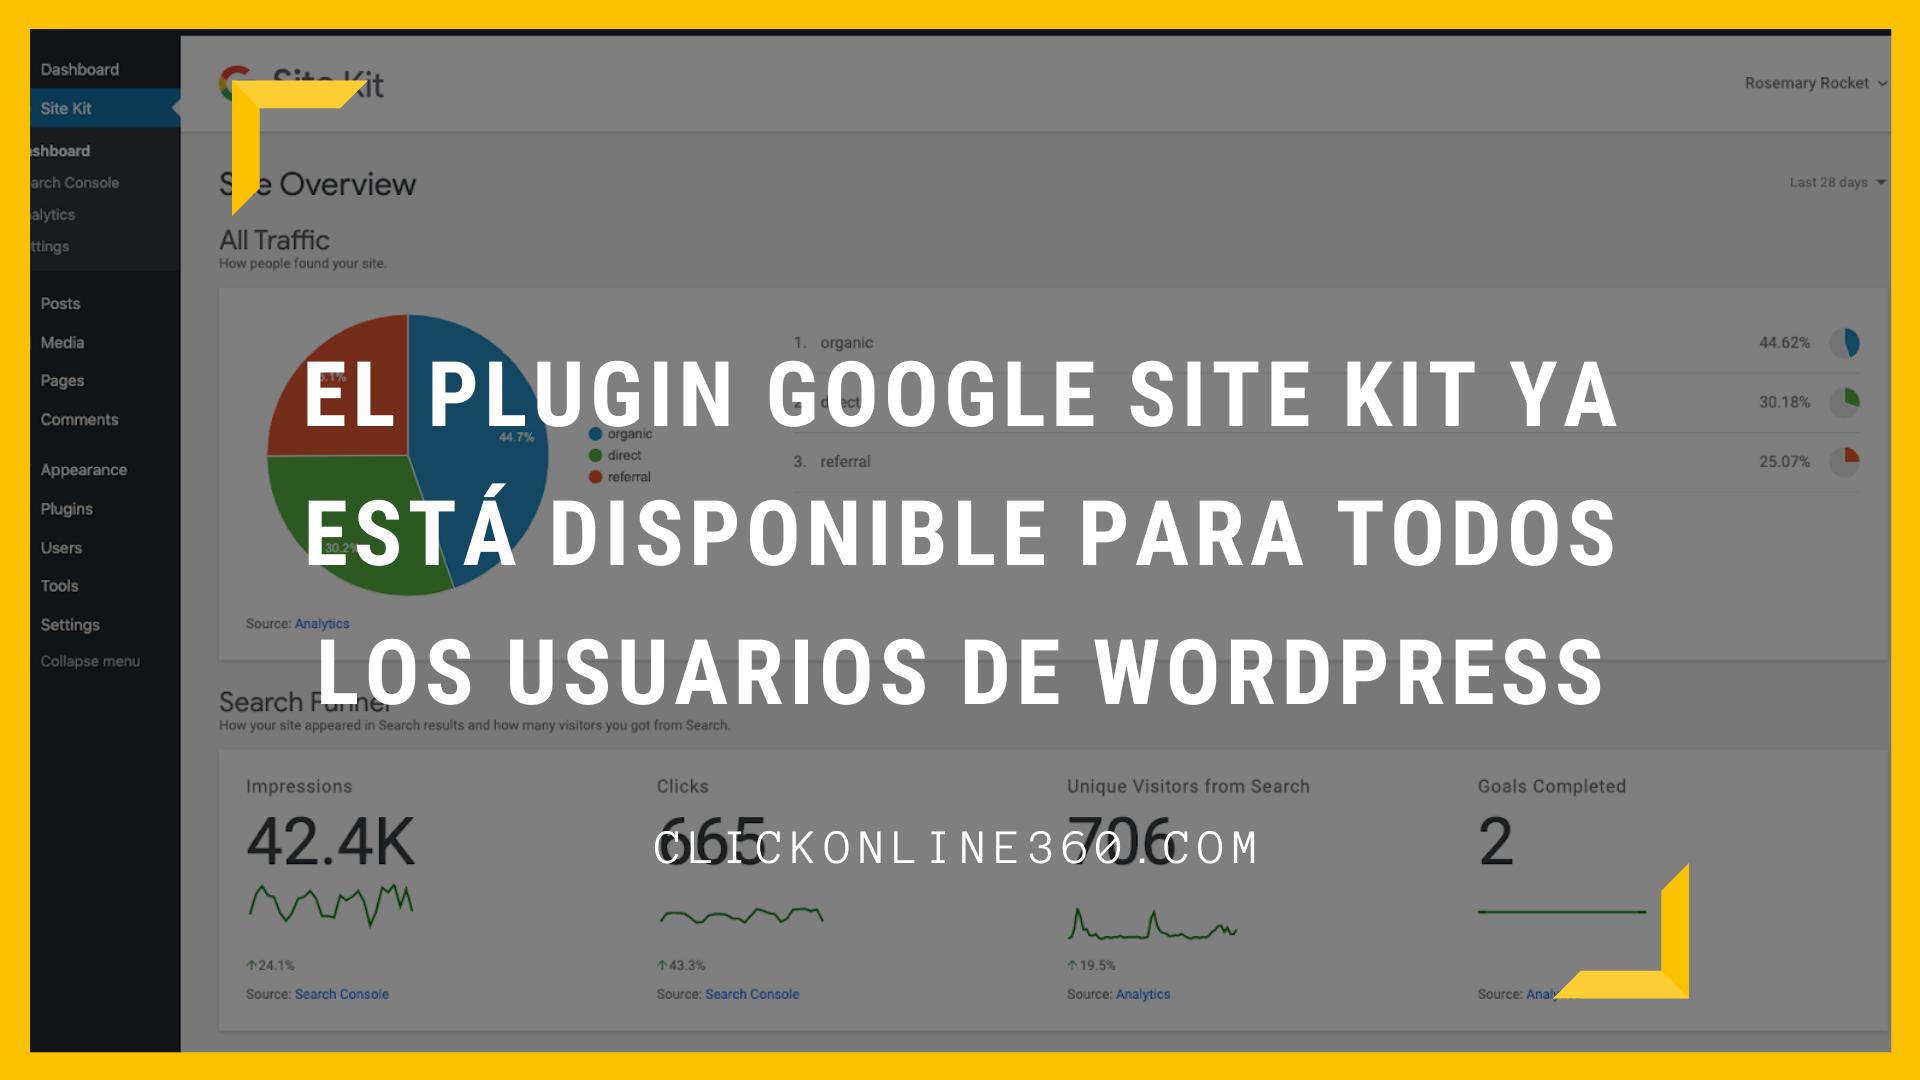 El Plugin Google Site Kit ya está disponible para todos los usuarios de WordPress 1